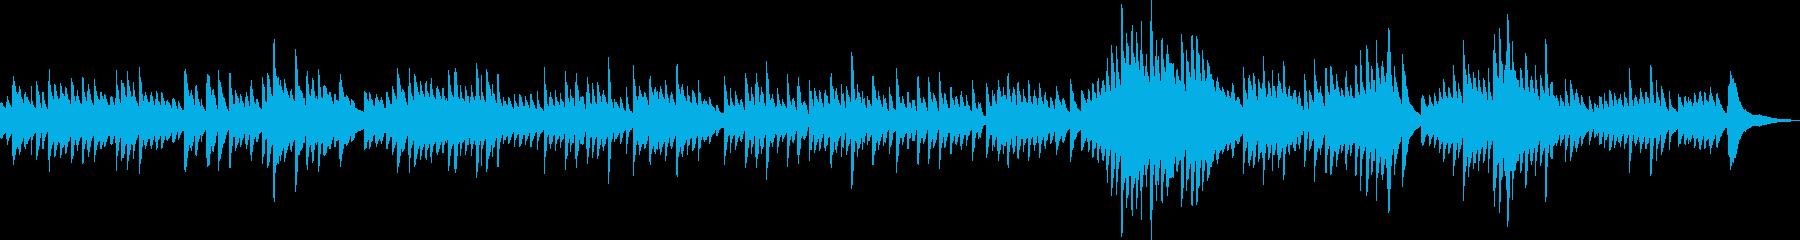 美しくて悲しいピアノBGMの再生済みの波形